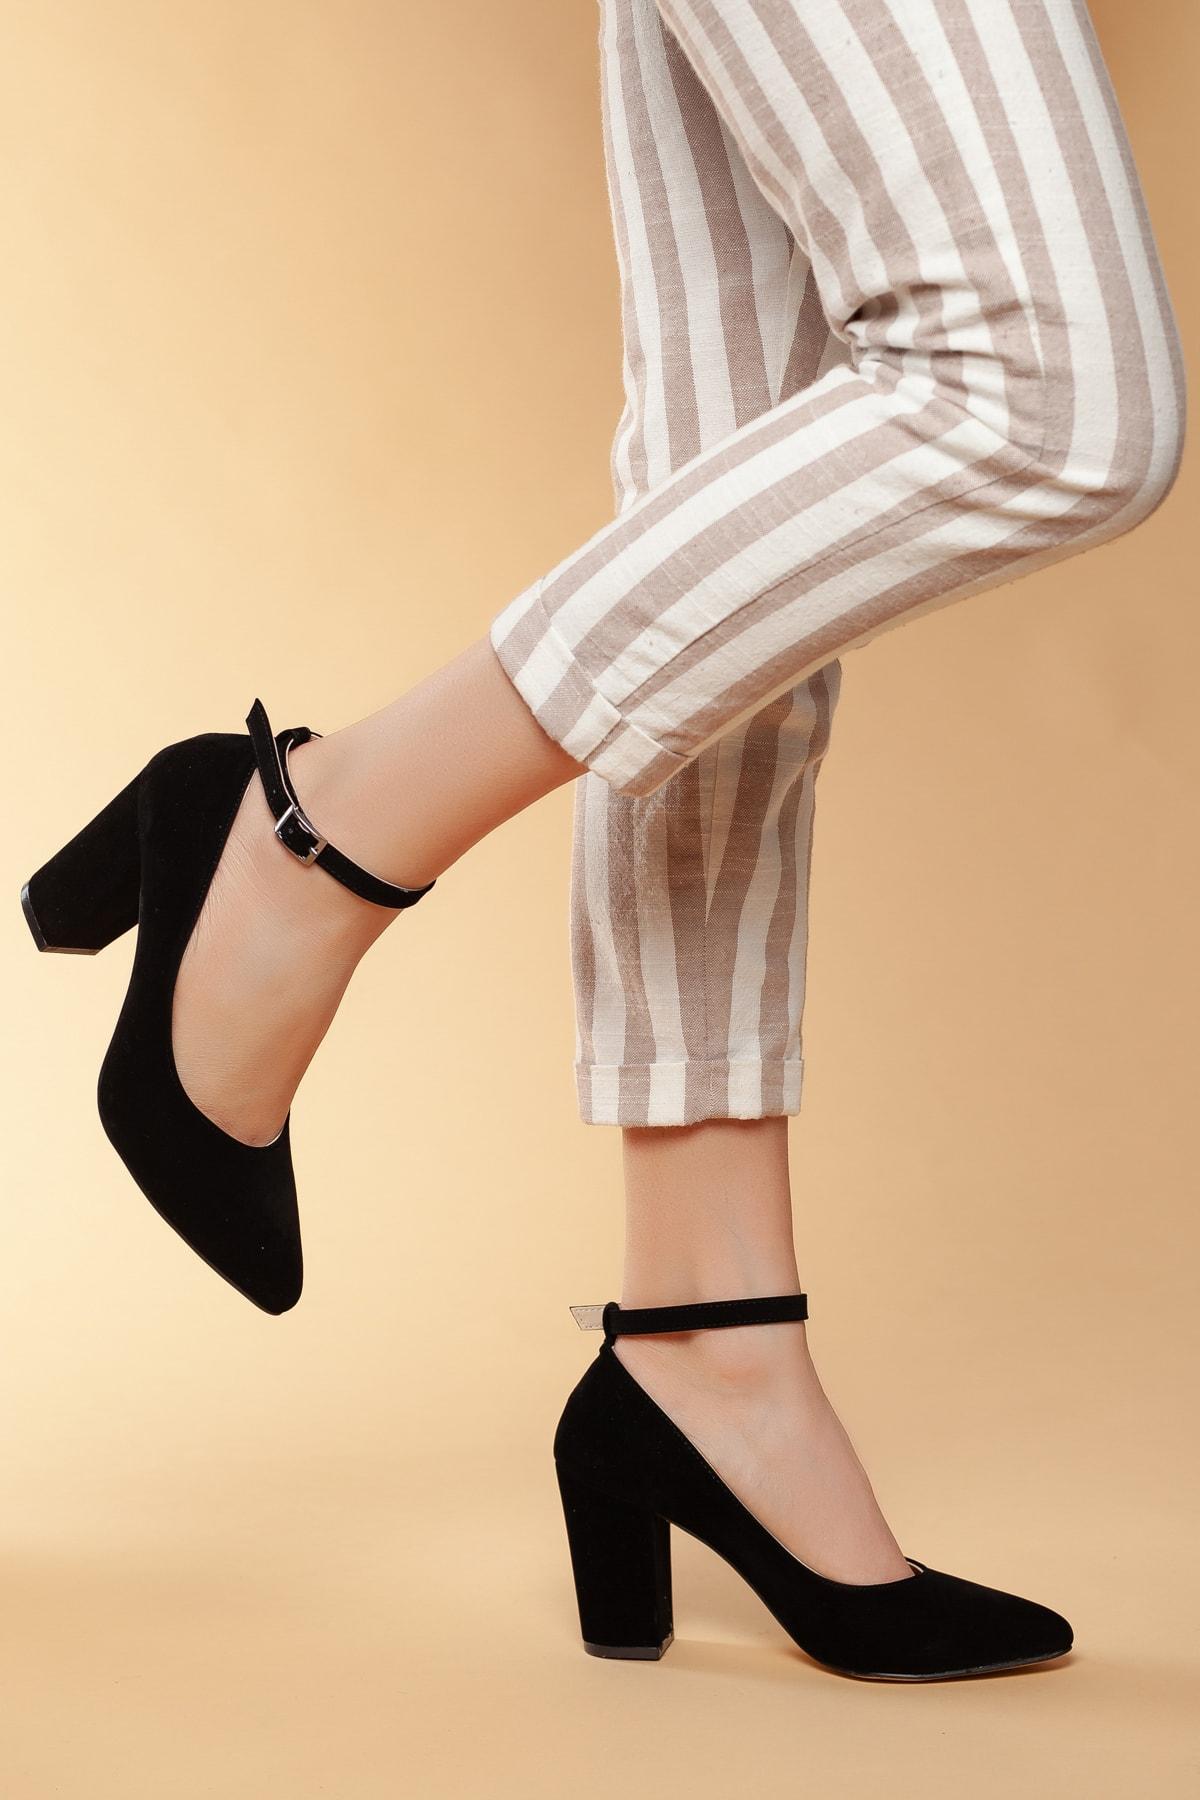 Daxtors Siyah-Süet Kadın Klasik Topuklu Ayakkabı DXTRSWMNYK715 1